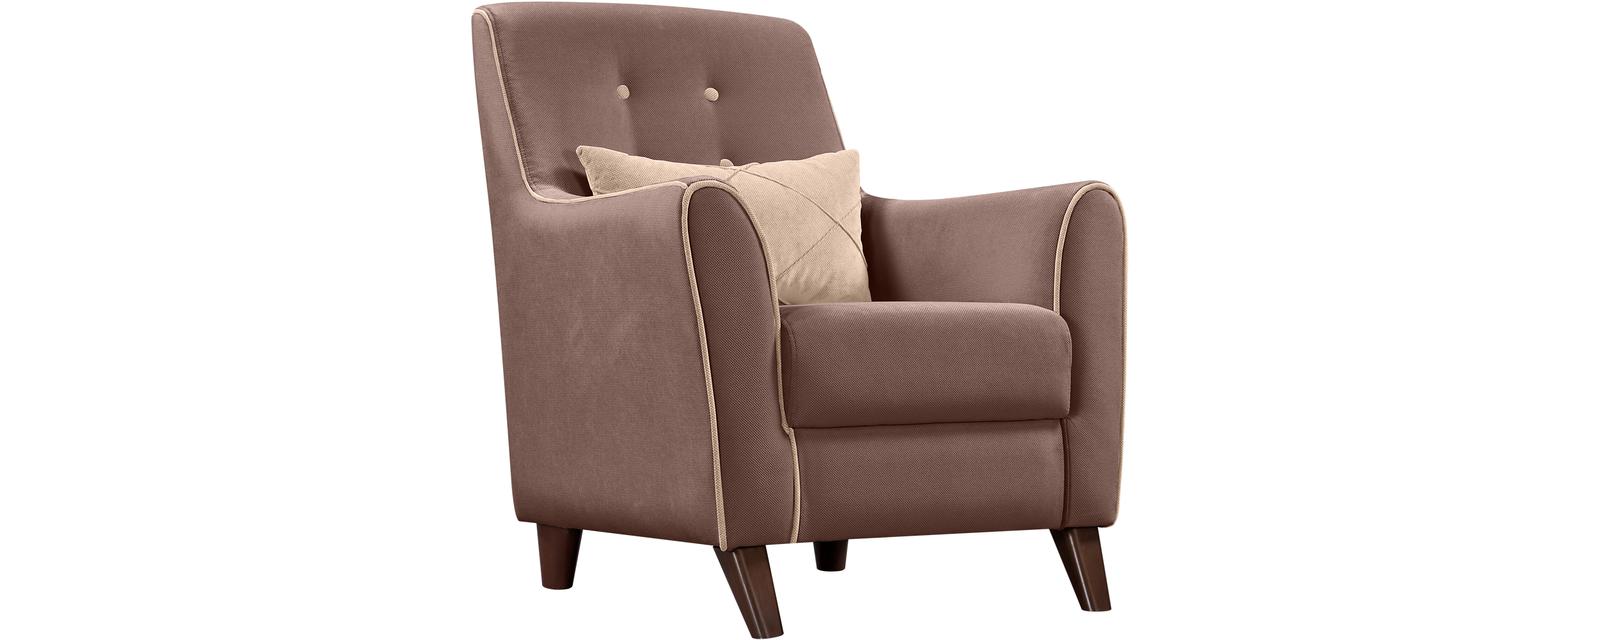 Кресло тканевое Френсис Velure коричневый/бежевая подушка